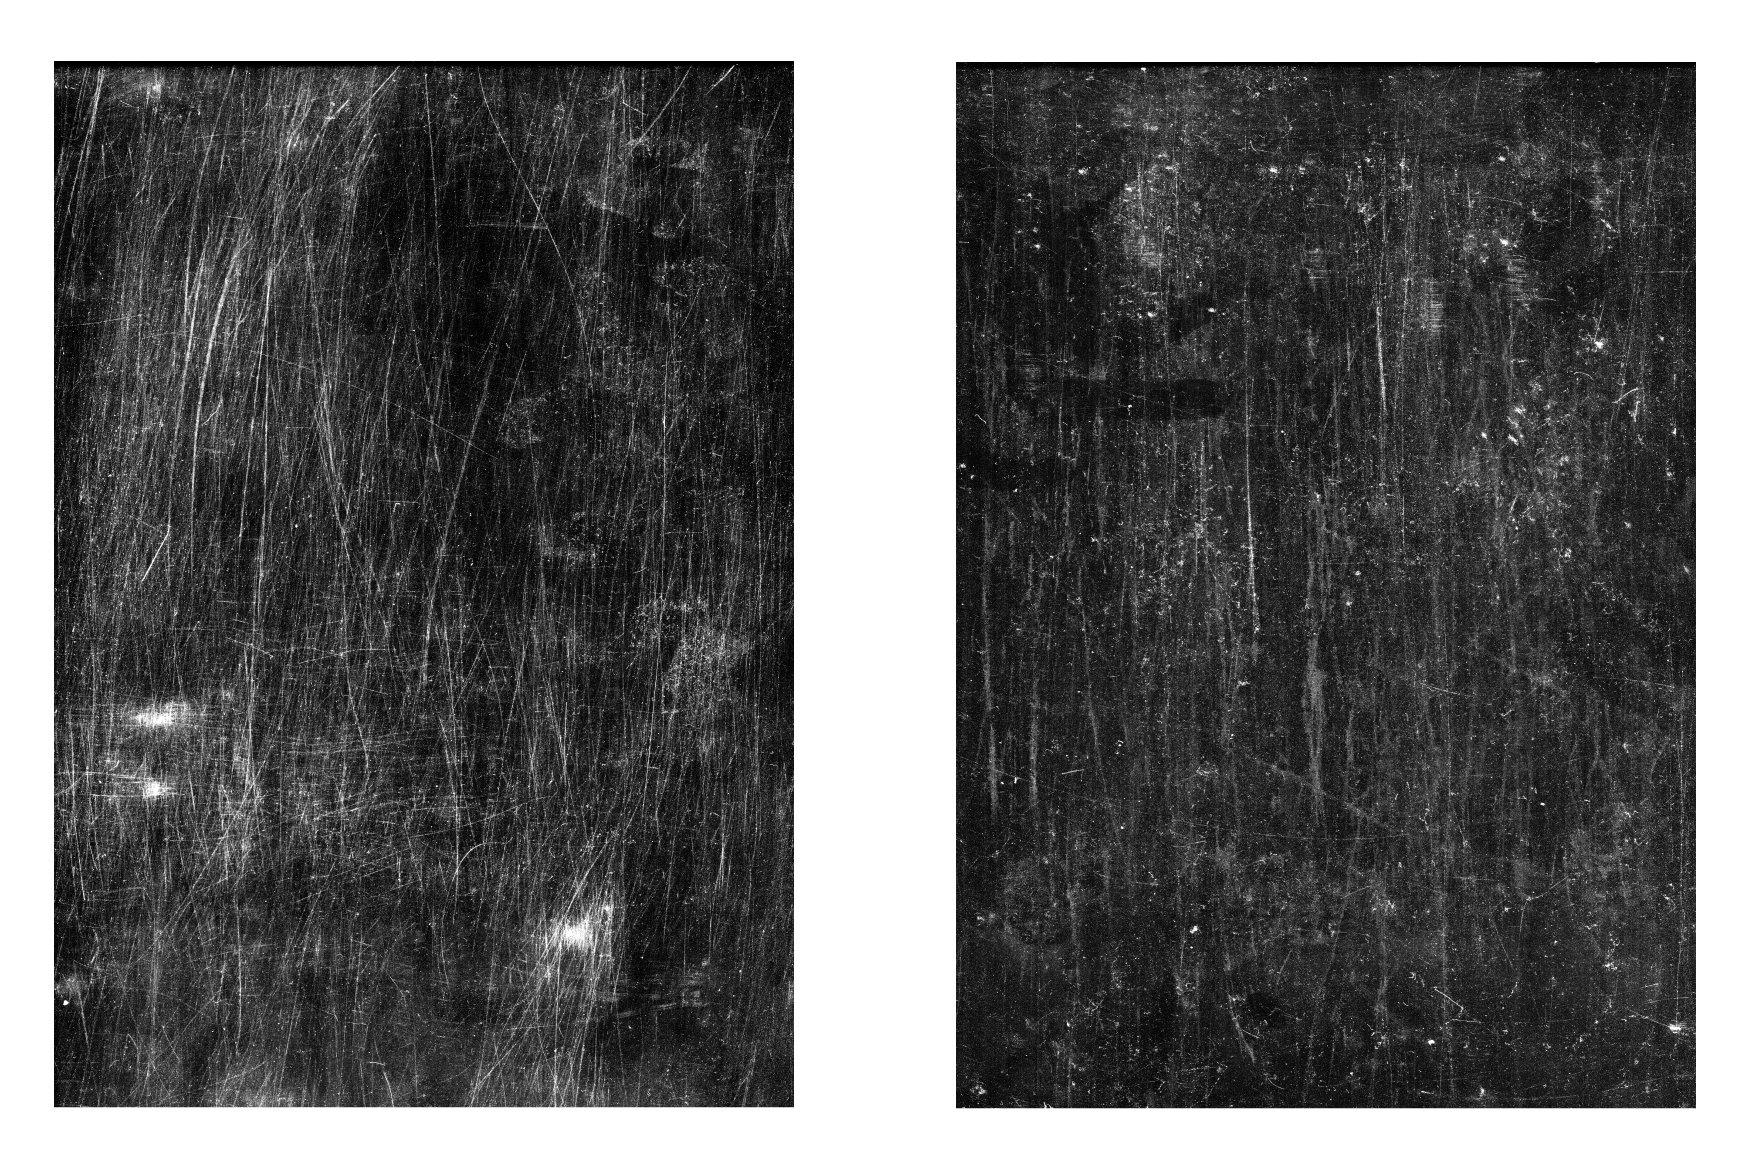 156款复古做旧折痕磨损褶皱纸张背景纹理素材合集 The Grunge Texture Bundle Vol. 1插图(53)